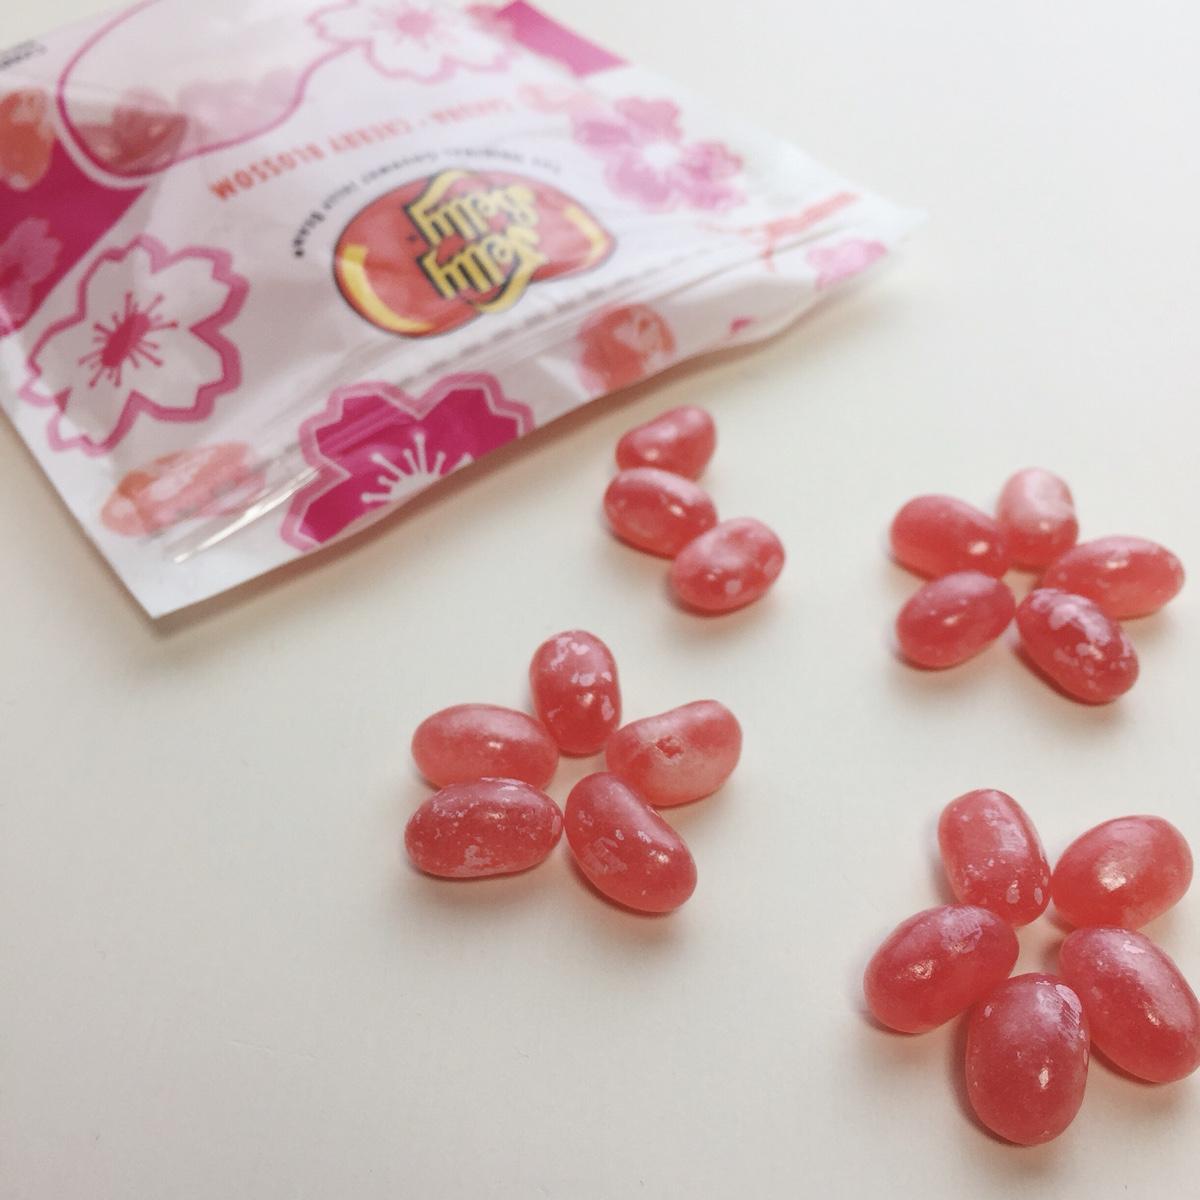 sakura-jelly-beans.jpg